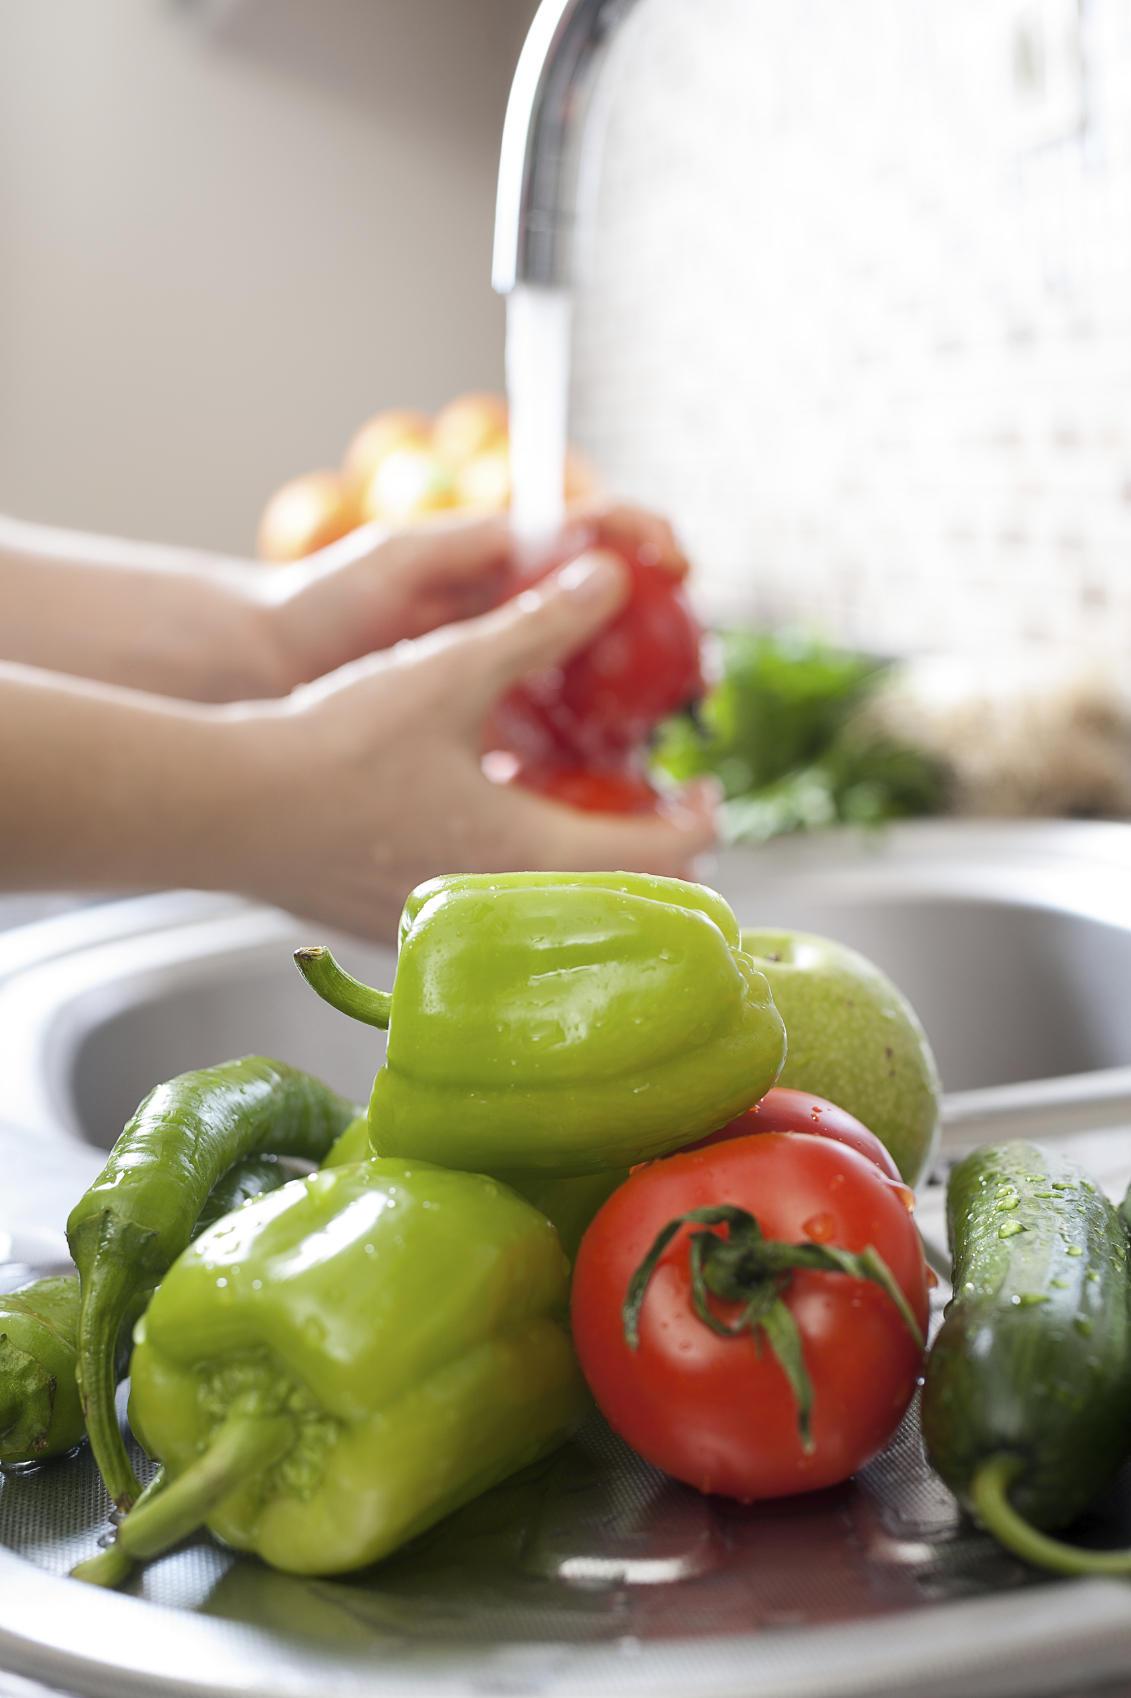 Obst und Gemüse waschen